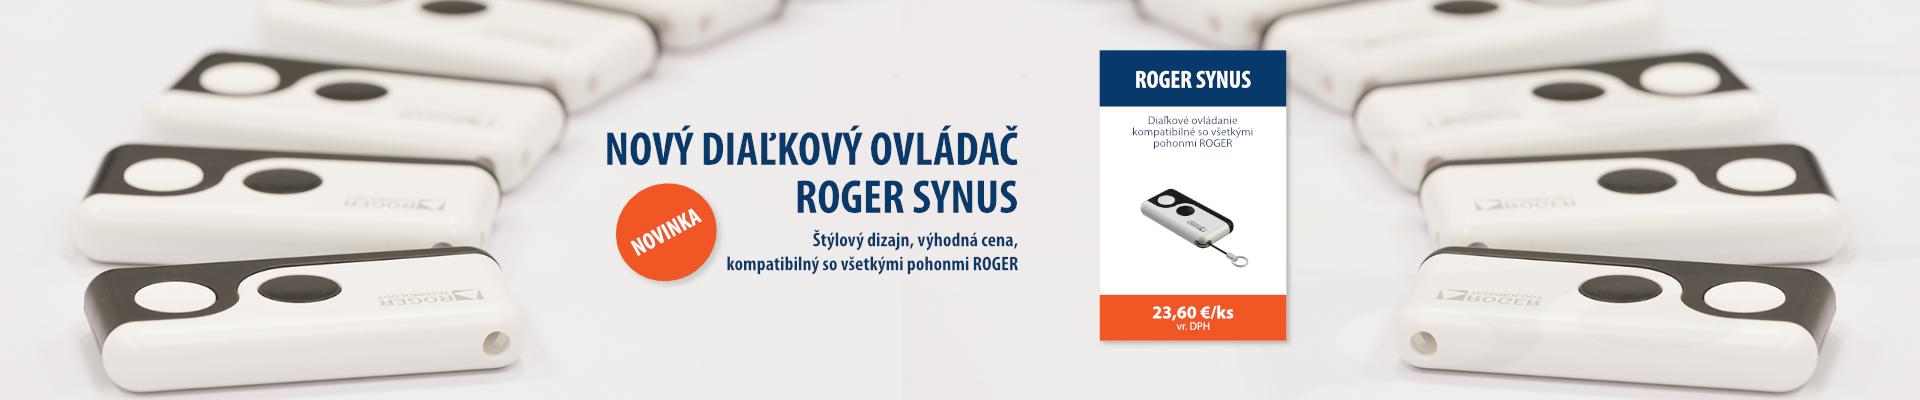 Banner - banner_novy_ovladac_sk-1559711060.png